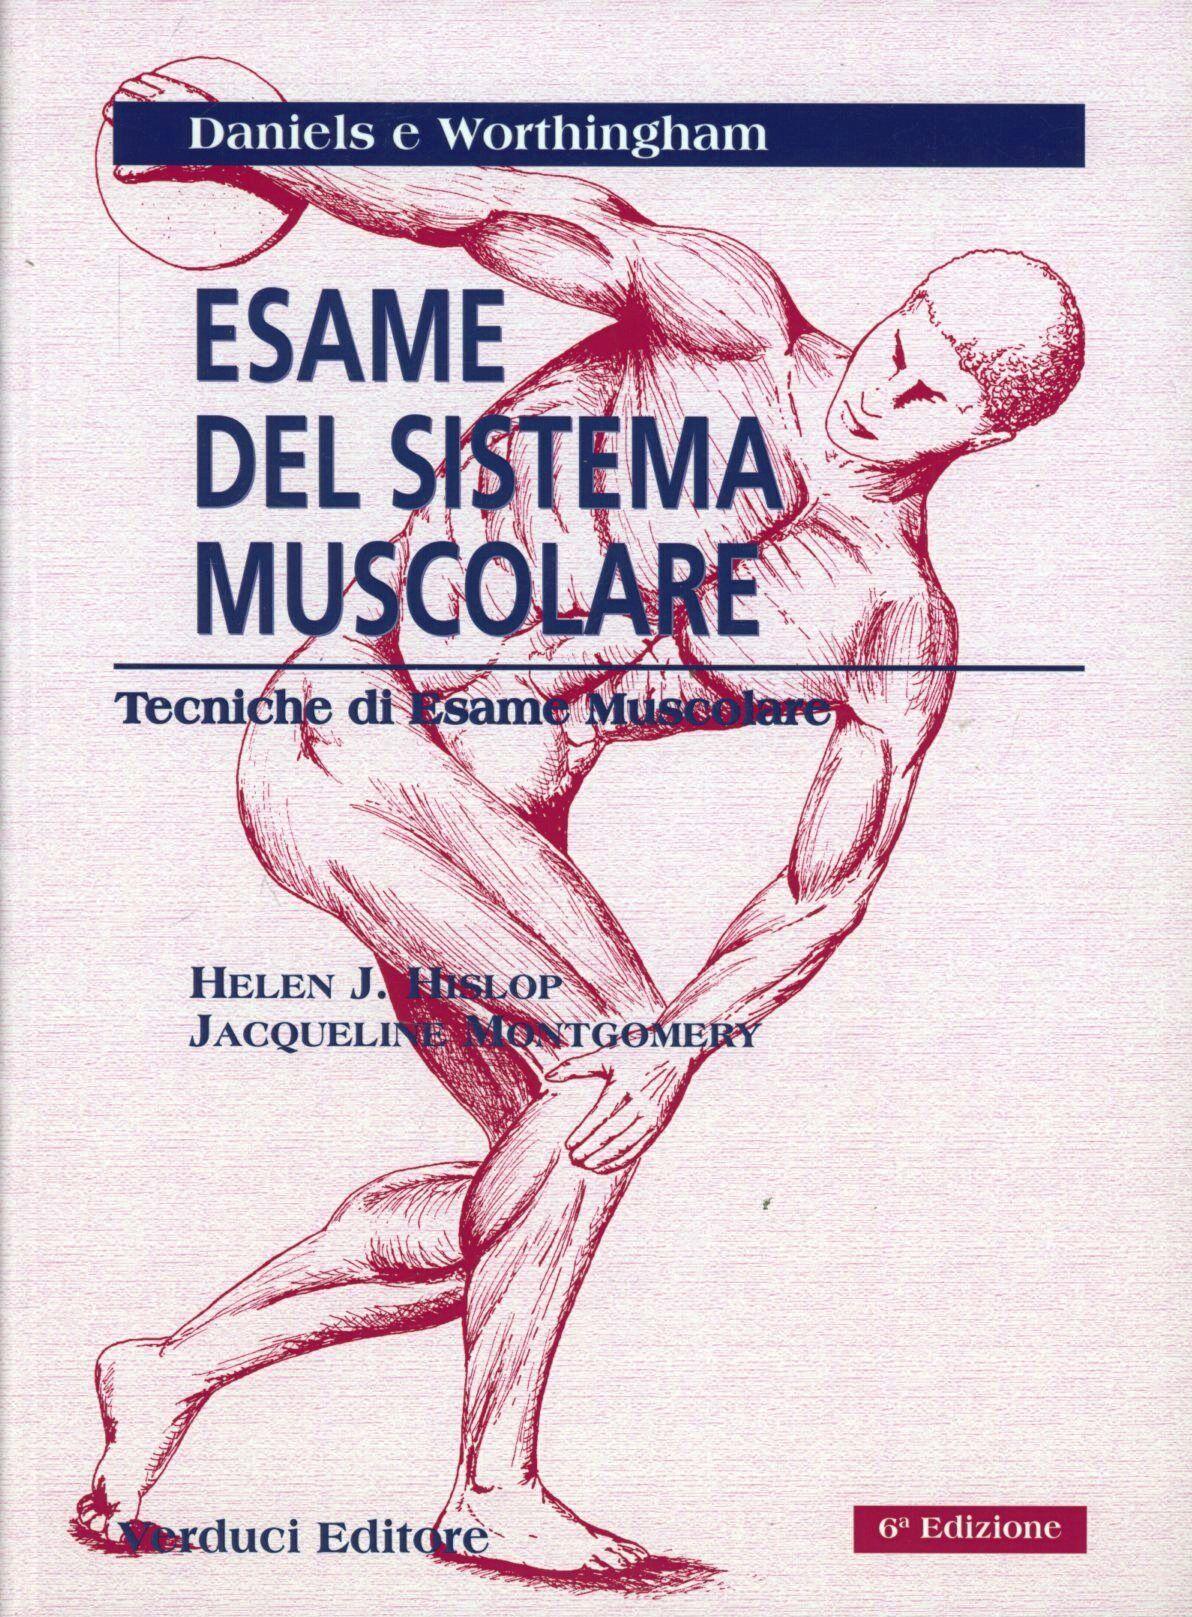 Esame del sistema muscolare. Tecniche di esame muscolare